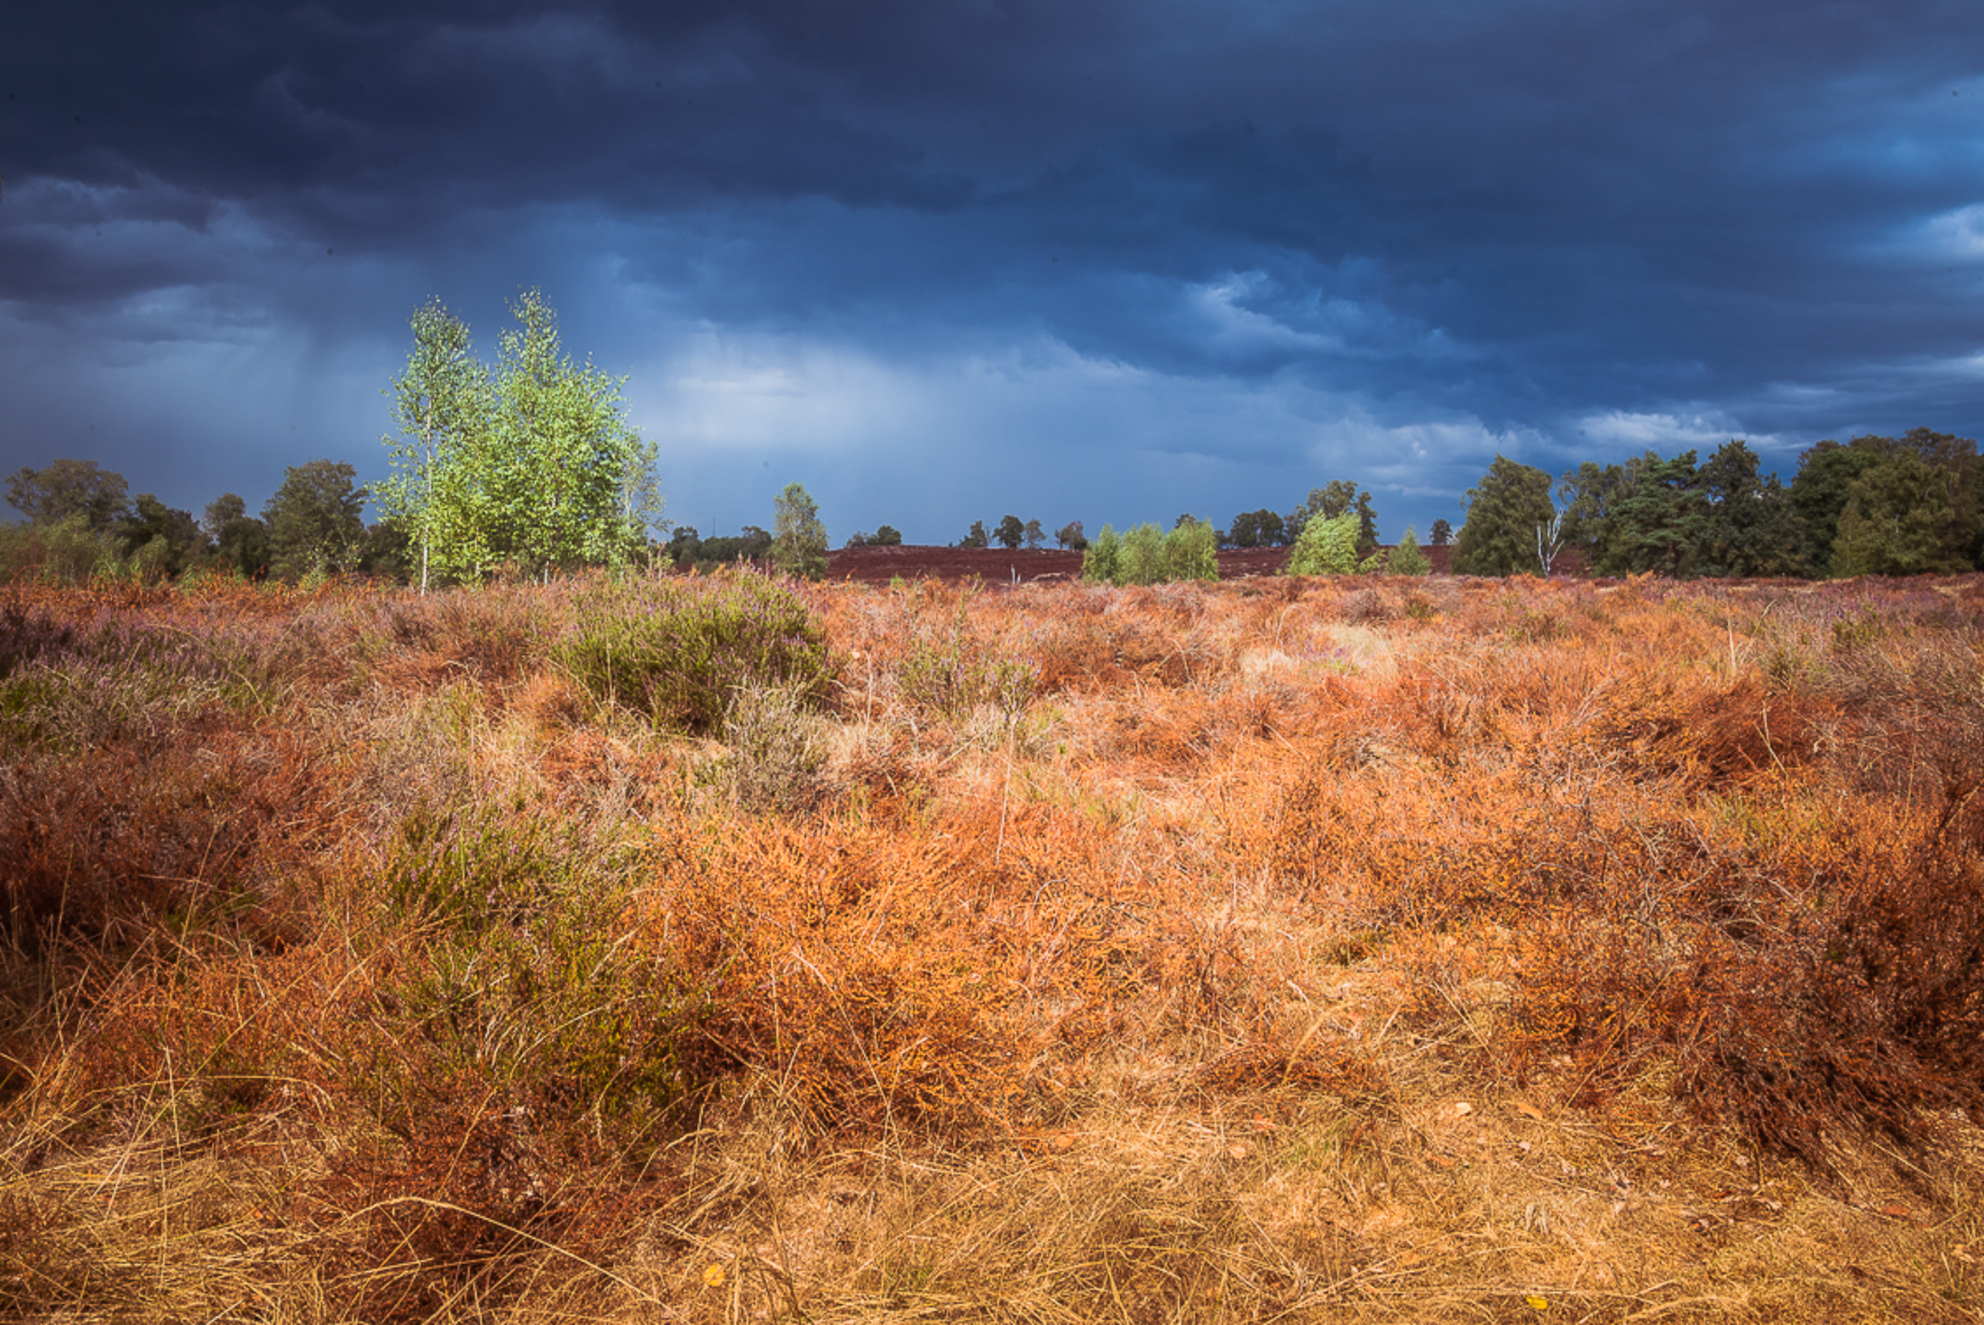 Regen op komst - Regenachtig weer heeft ook z'n voordelen..... - foto door RBvandaag op 25-08-2018 - deze foto bevat: lucht, wolken, natuur, licht, landschap, heide - Deze foto mag gebruikt worden in een Zoom.nl publicatie